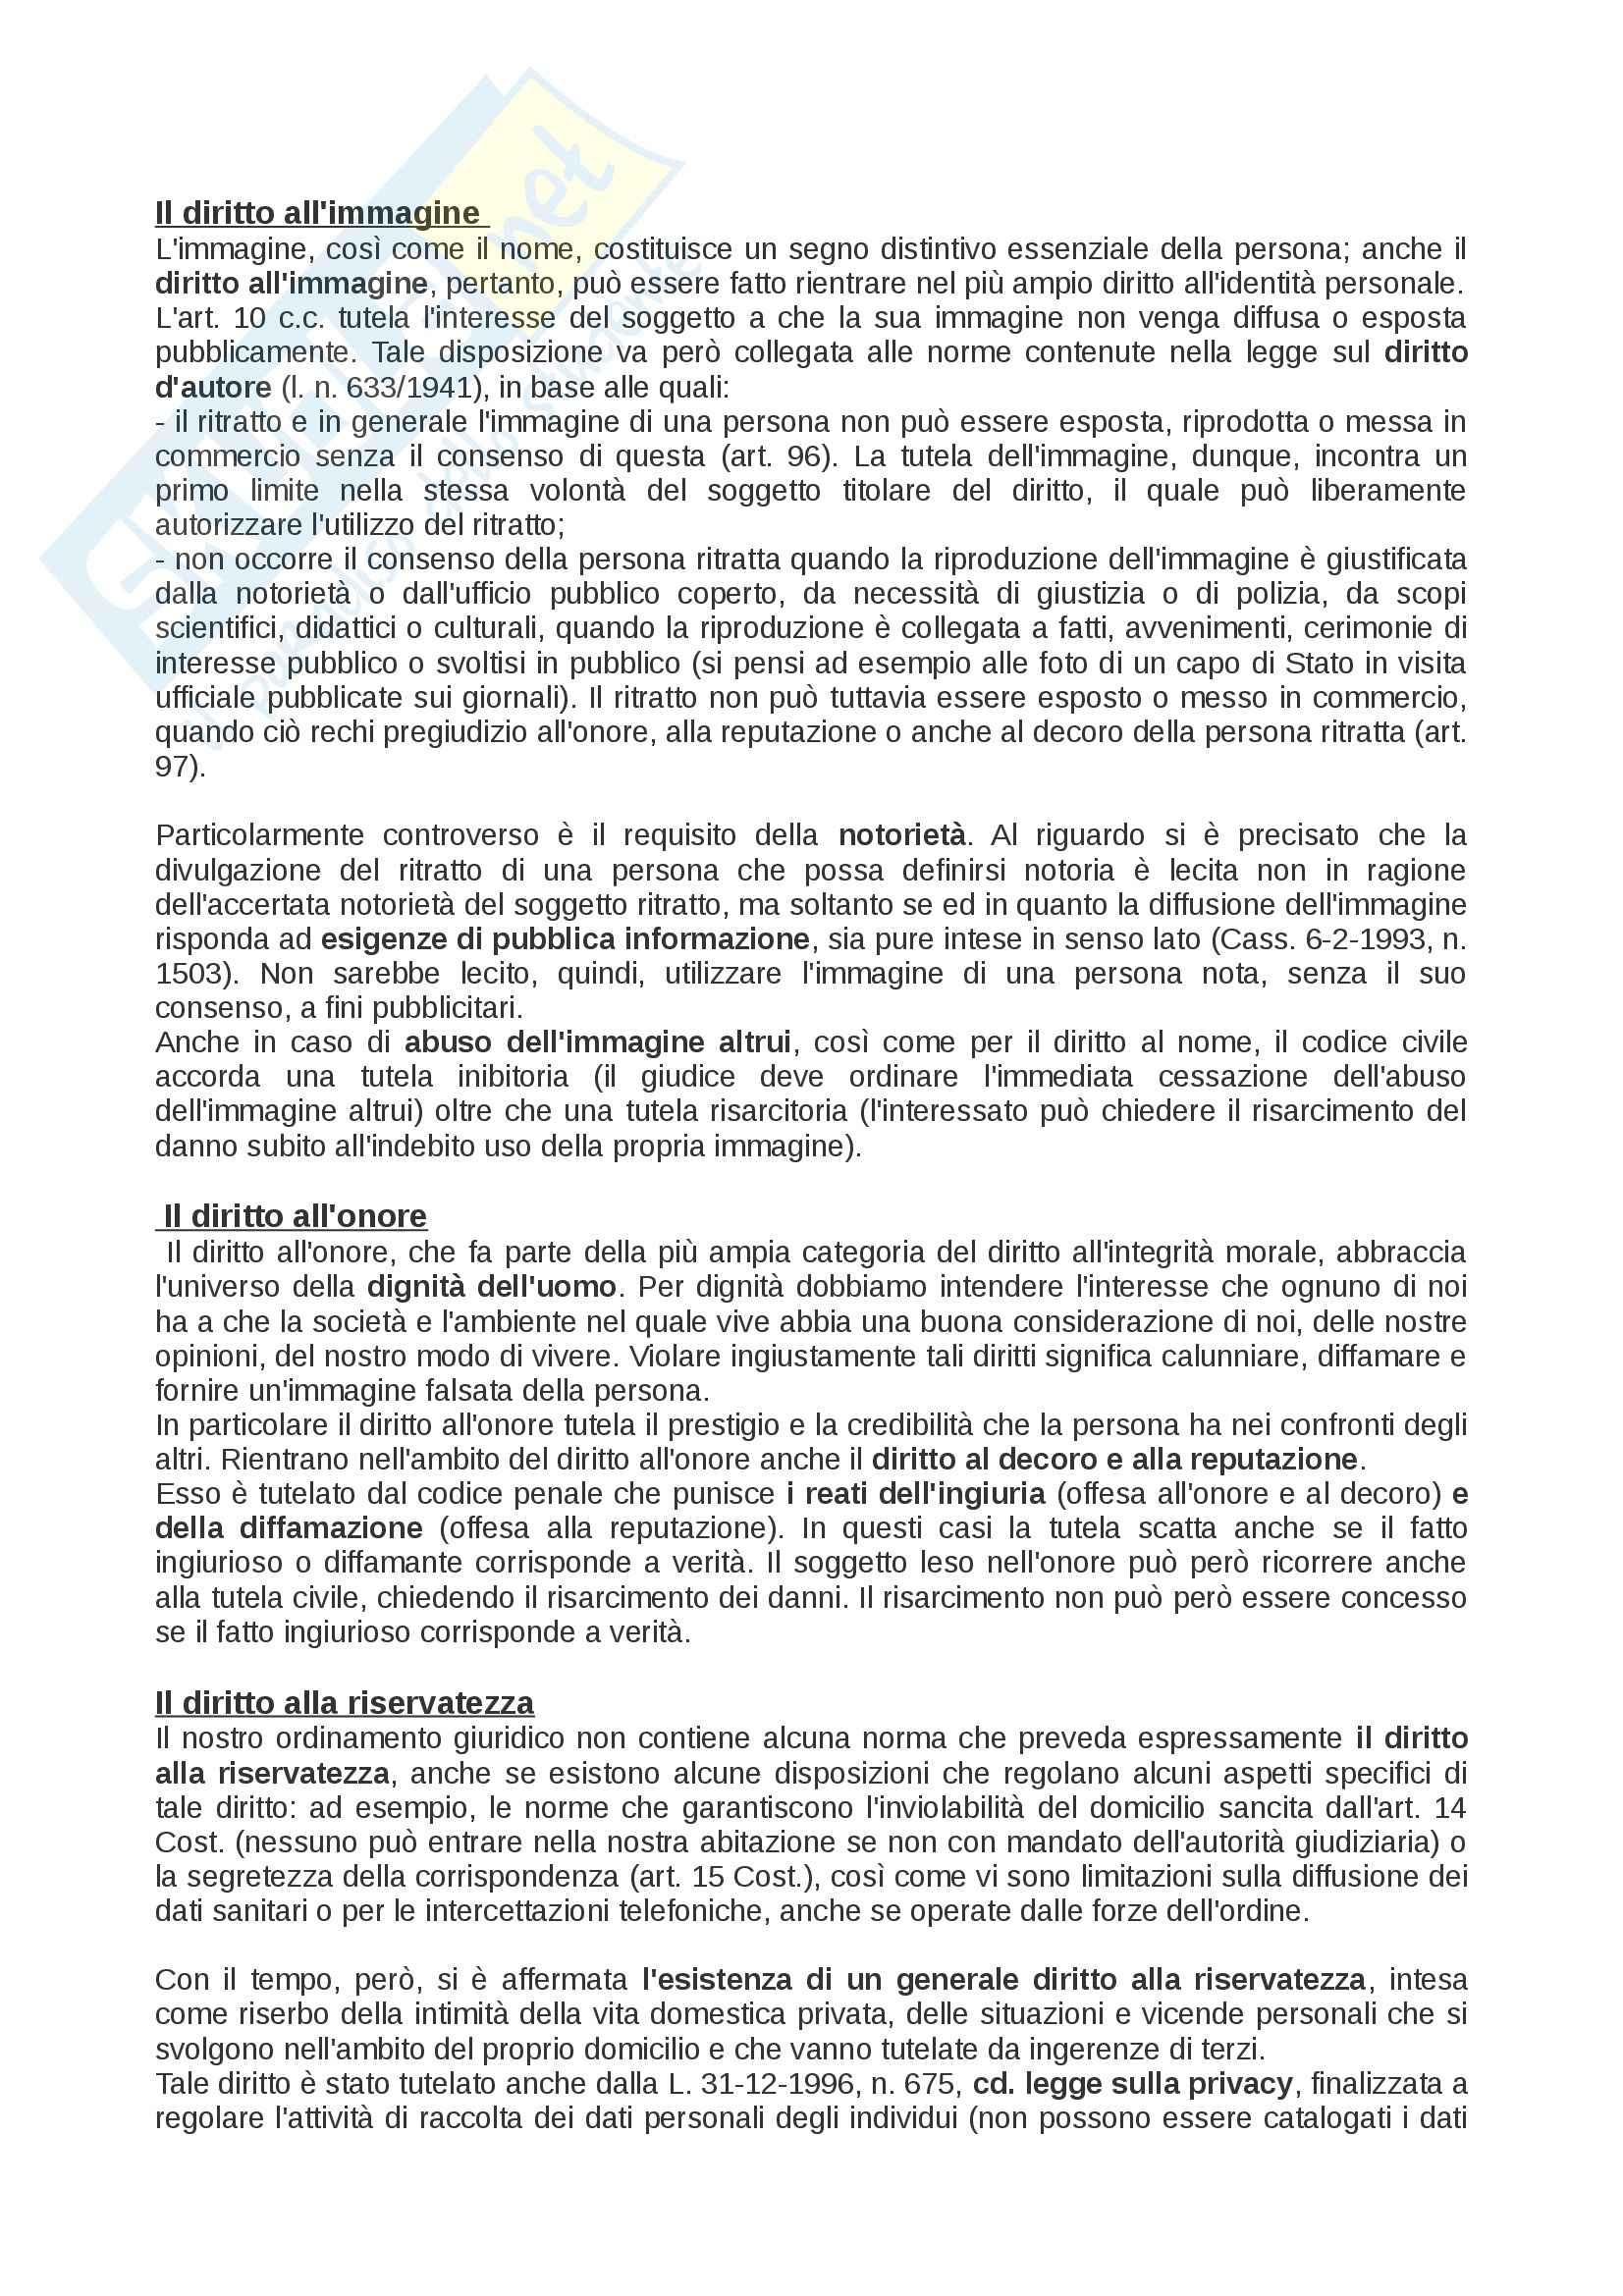 Riassunto esame Diritto privato: soggetti, beni, fatti, enti, prof. Rossi Pag. 11